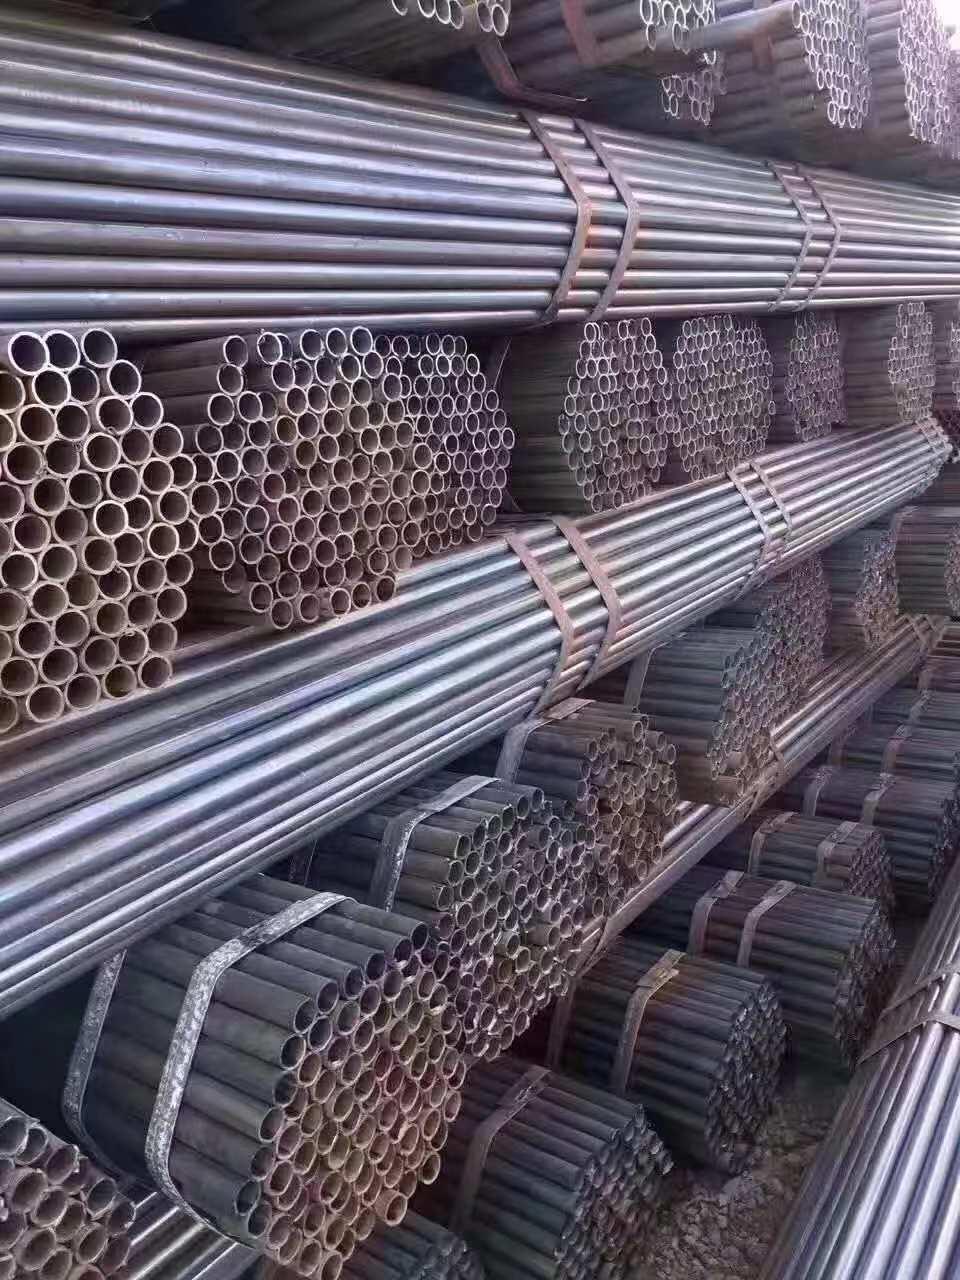 国标2.2斤扣件租赁-厦门可信赖的厚钢管租赁